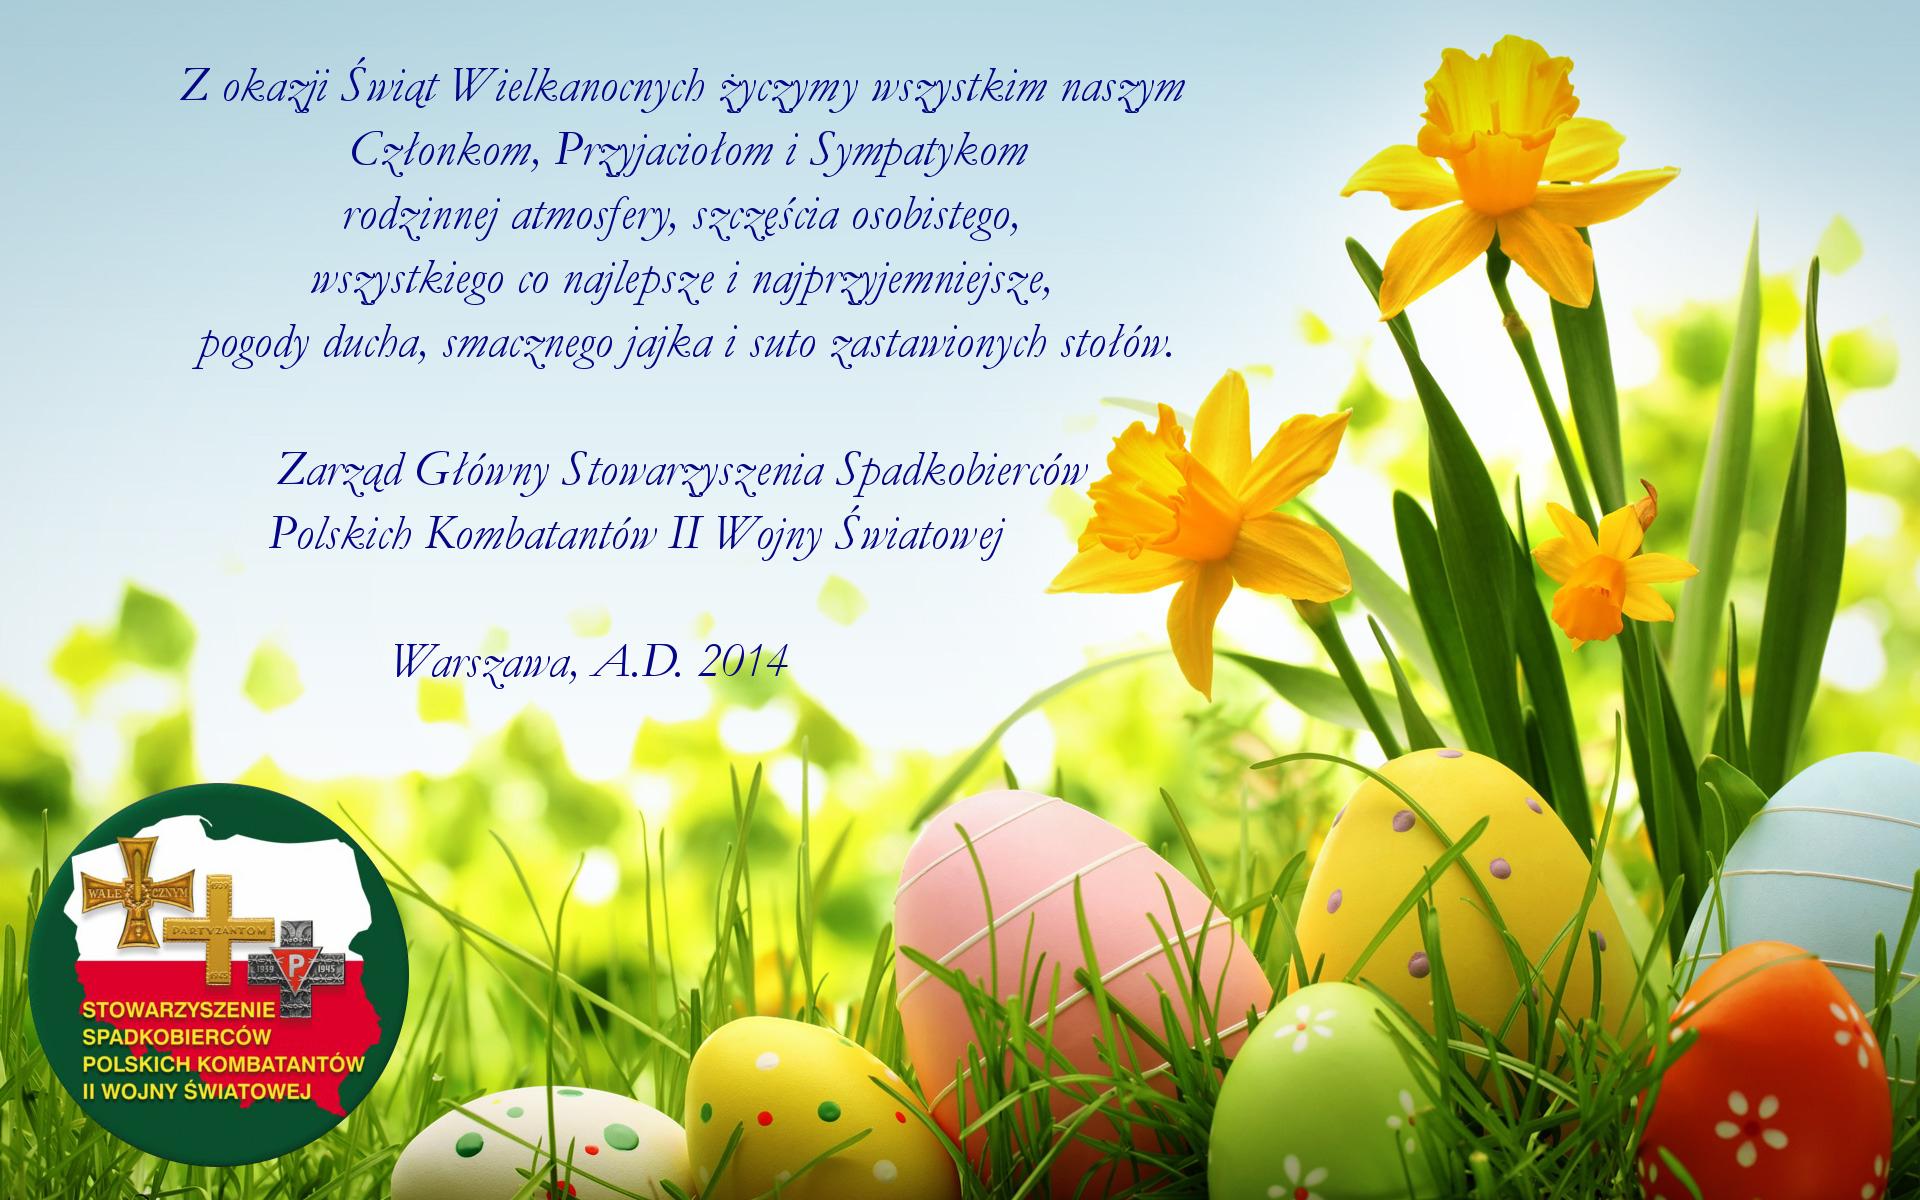 zyczenia_wielkanocne_Stowarzyszenie-Spadkobiercow-Polskich-Kombantantow-II-Wojny_Swiatowej_2014